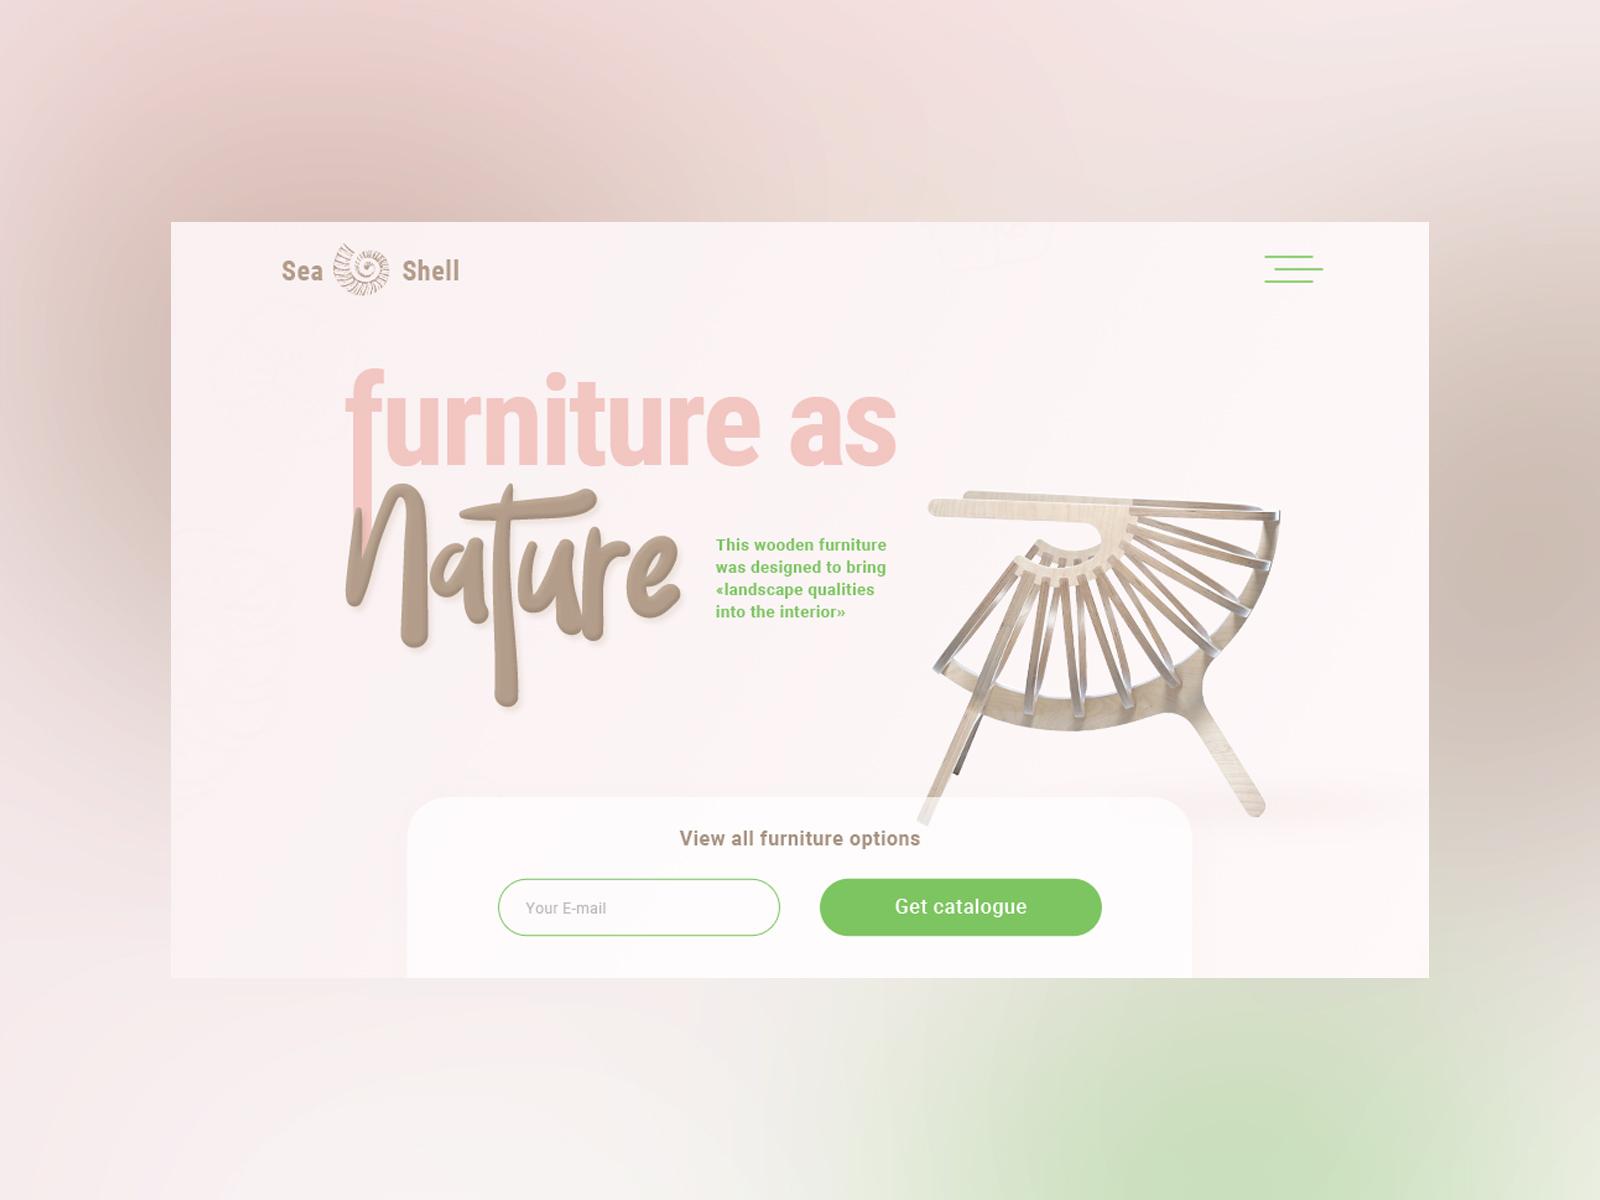 Landing-page для продвижения кастомной мебели